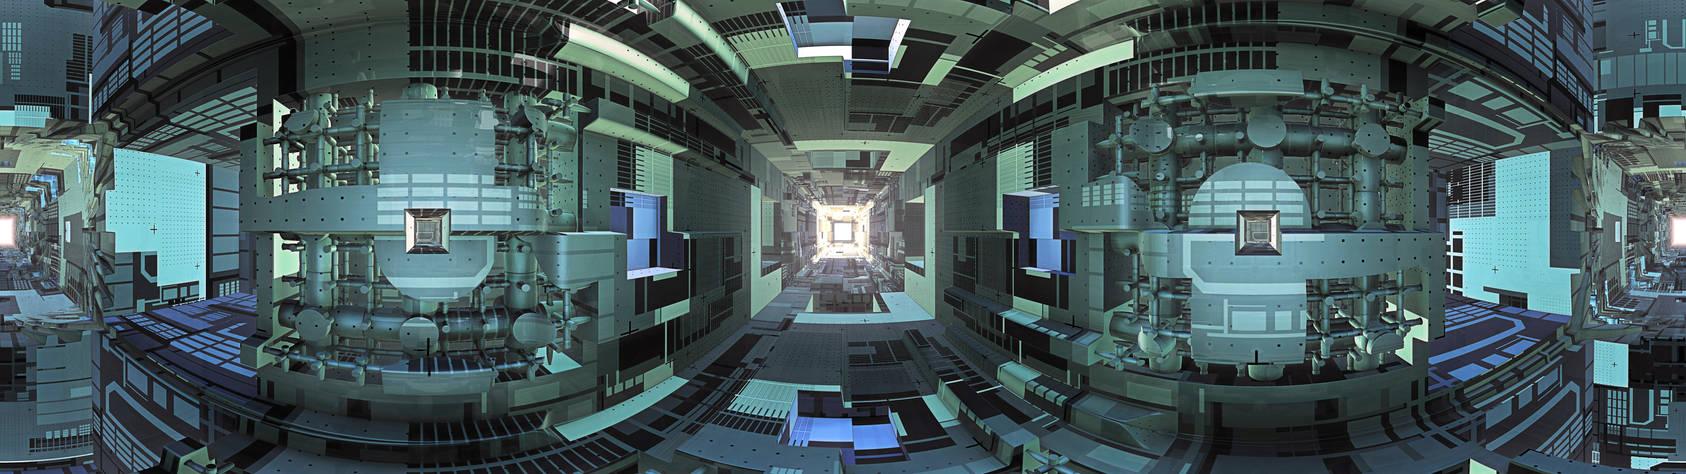 Spaceship - interior tunnel